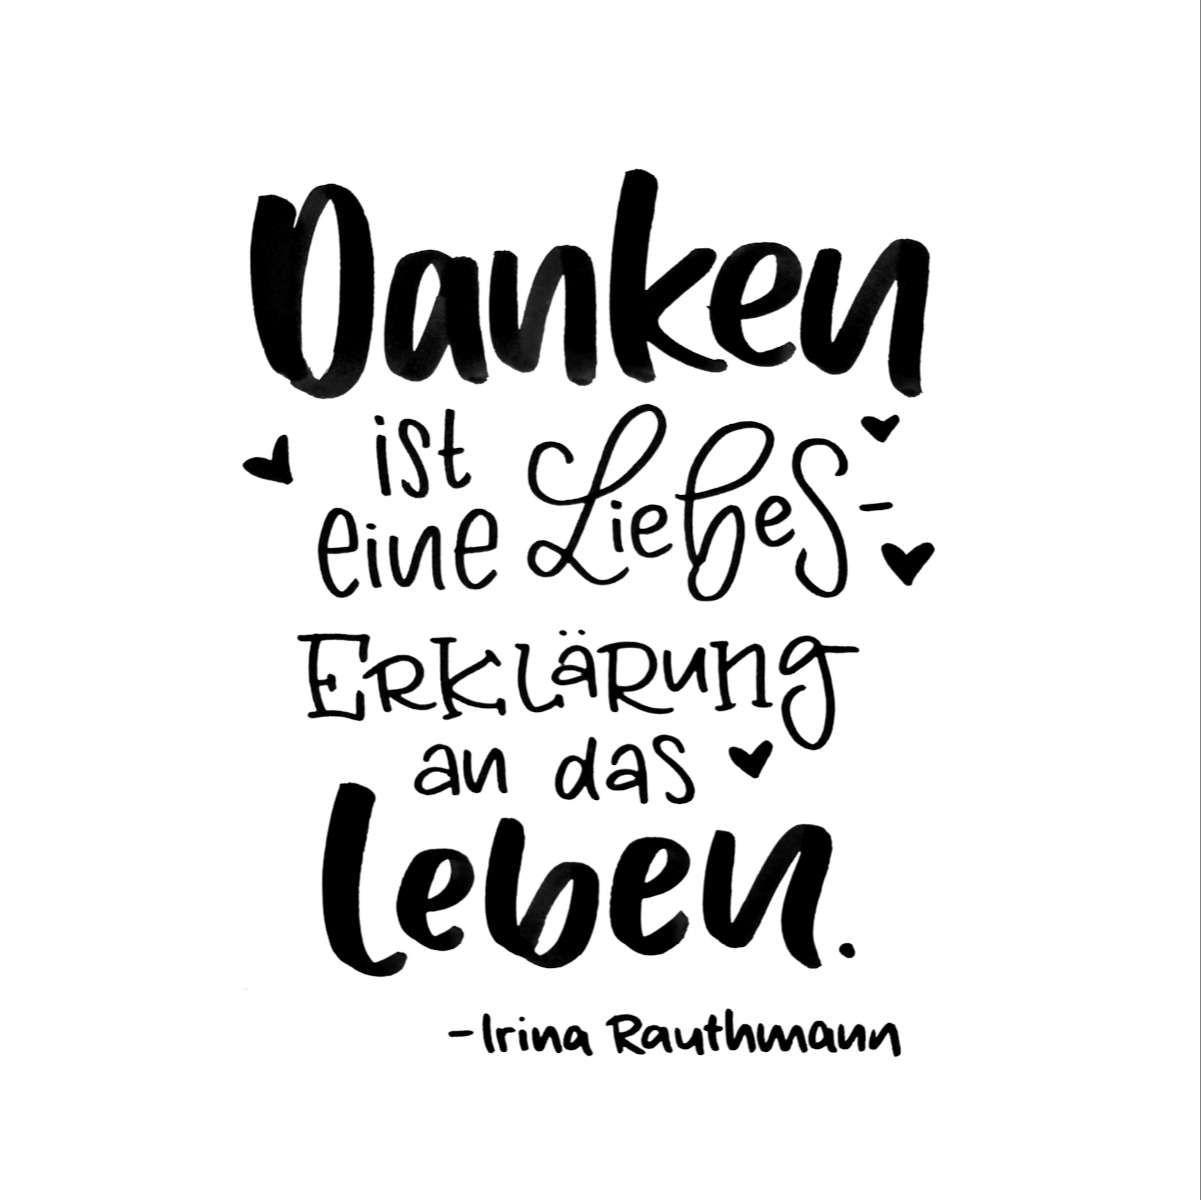 3 Dinge, die du beachten solltest, wenn du dir eine neue Fähigkeit aneignest | gedankenshift.de | Handlettering | Spruch Dankbarkeit | Danken ist eine Liebeserklärung an das Leben. (Irina Rauthmann)